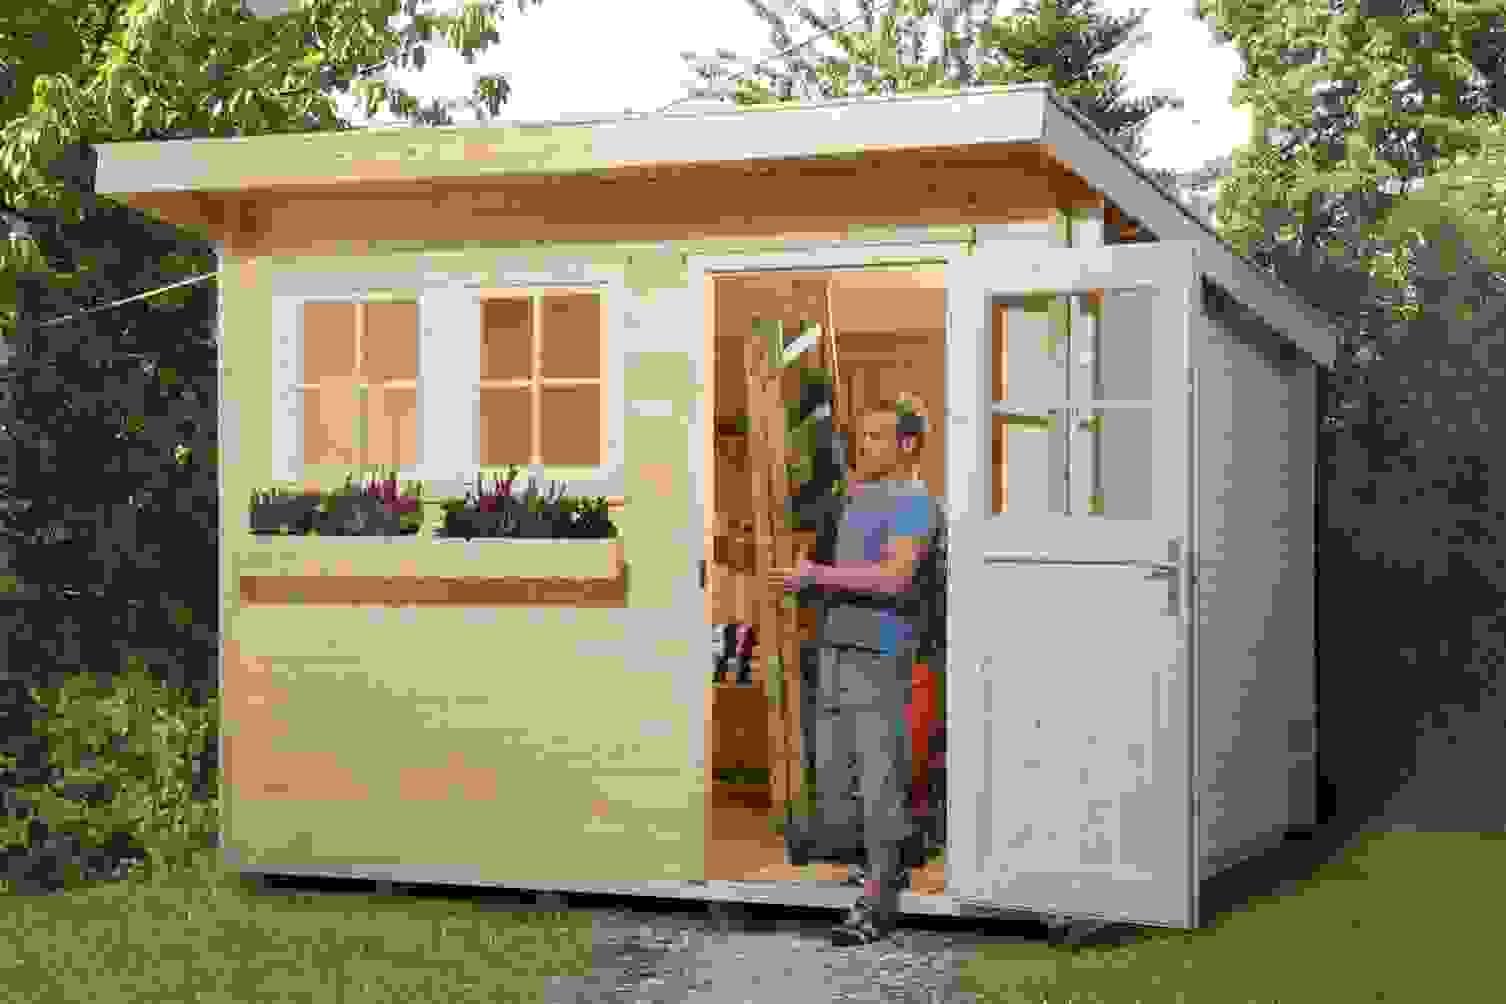 25 Oberteil Gartenhaus Selber Bauen Anleitung Kostenlos Ist Das von Gartenhaus Selber Bauen Anleitung Kostenlos Bild